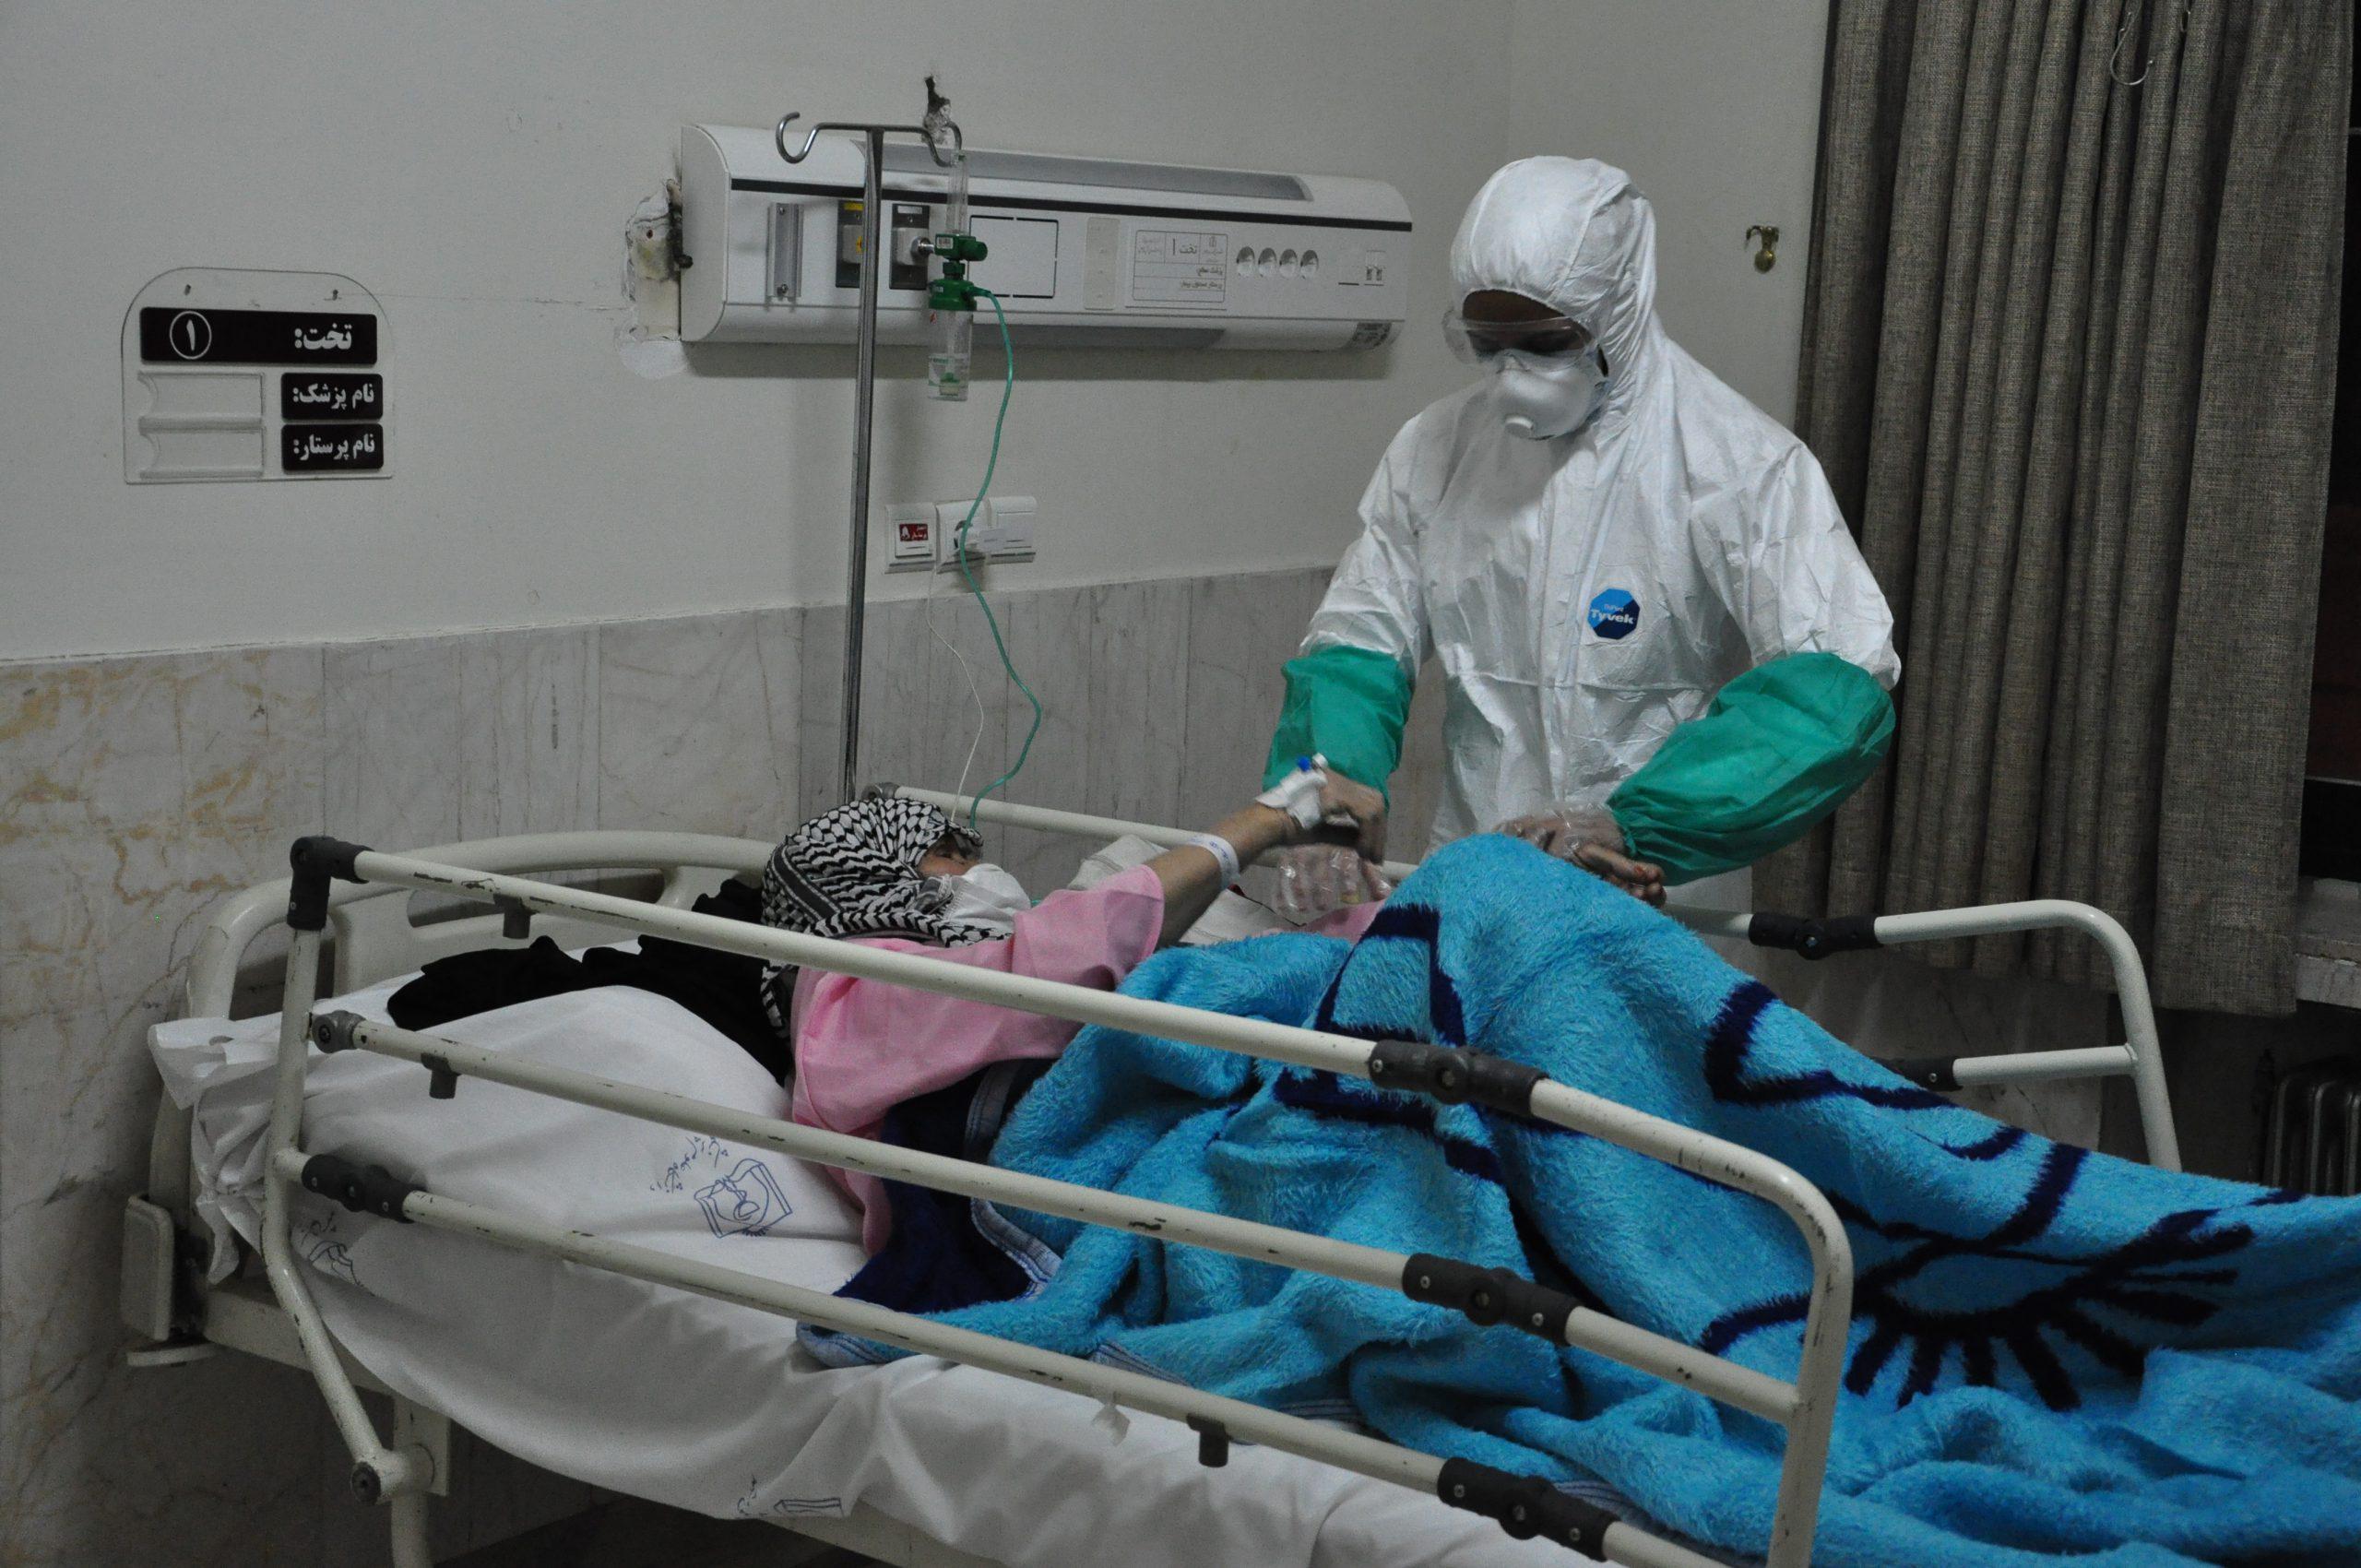 فوت سه نفر مبتلا به بیماری حاد تنفسی و بستری ۲۲ نفر در کاشمر